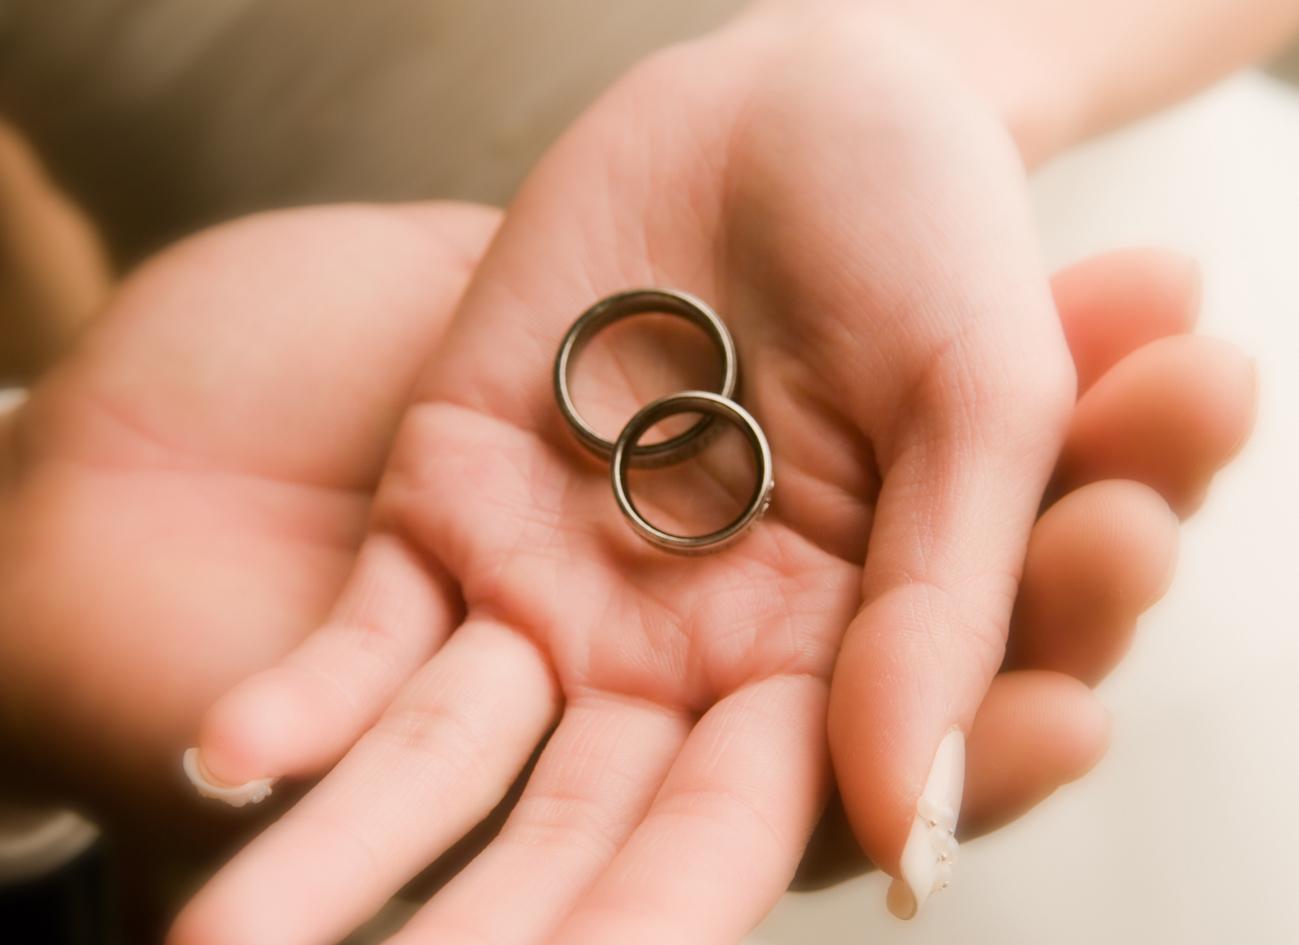 指輪のサイズが知りたい!指輪の号数どうやって計ってるの?のサムネイル画像